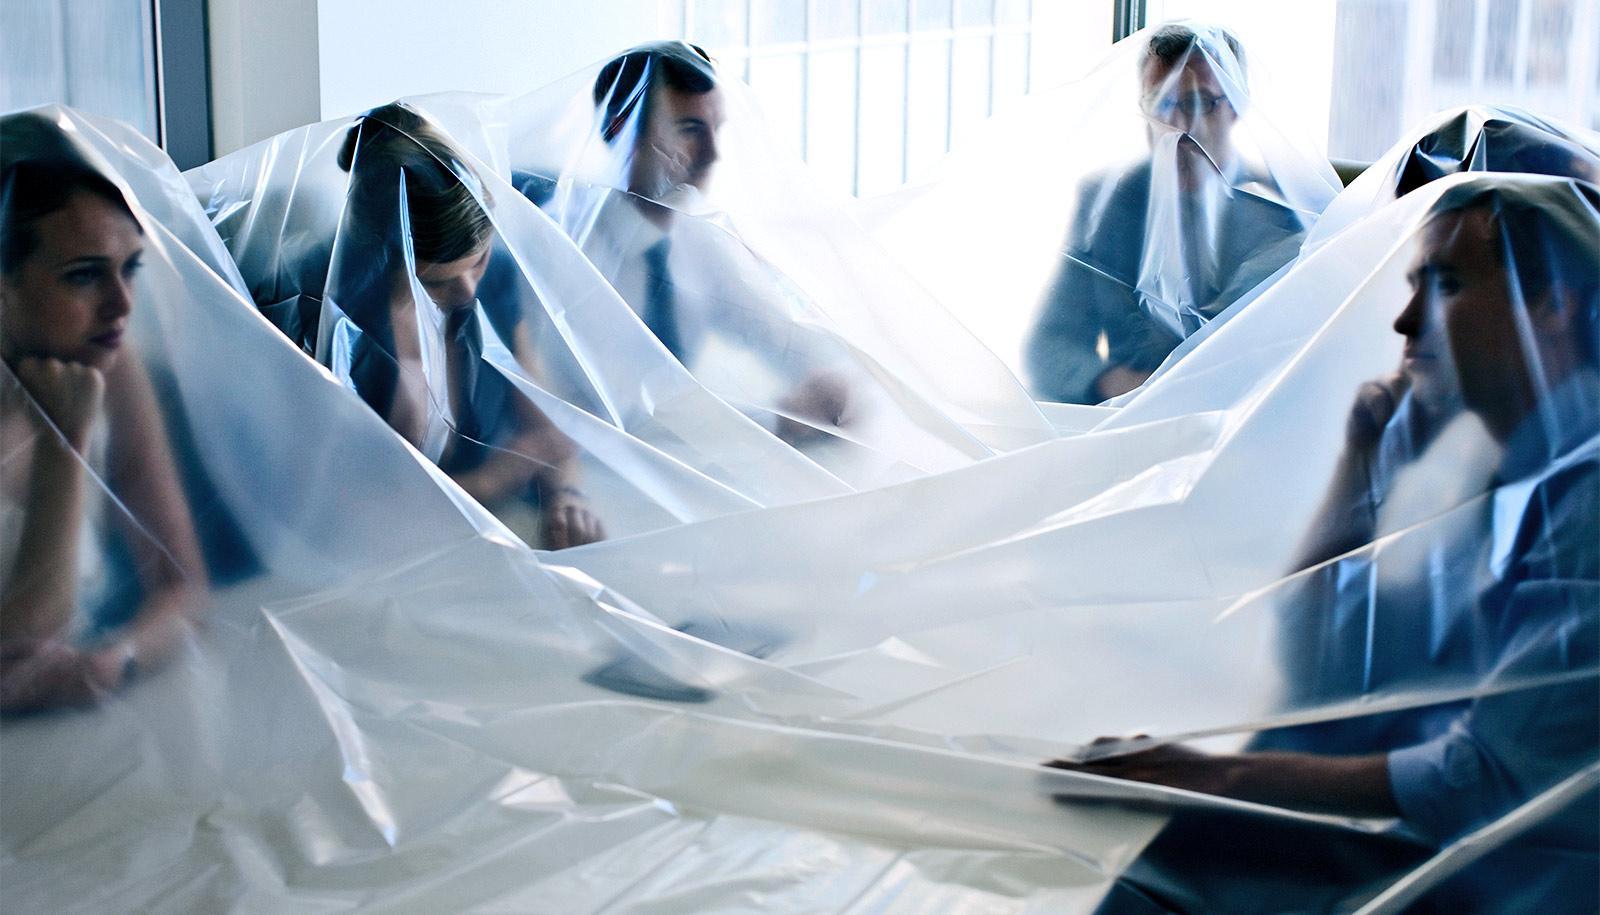 at work, under a tarp